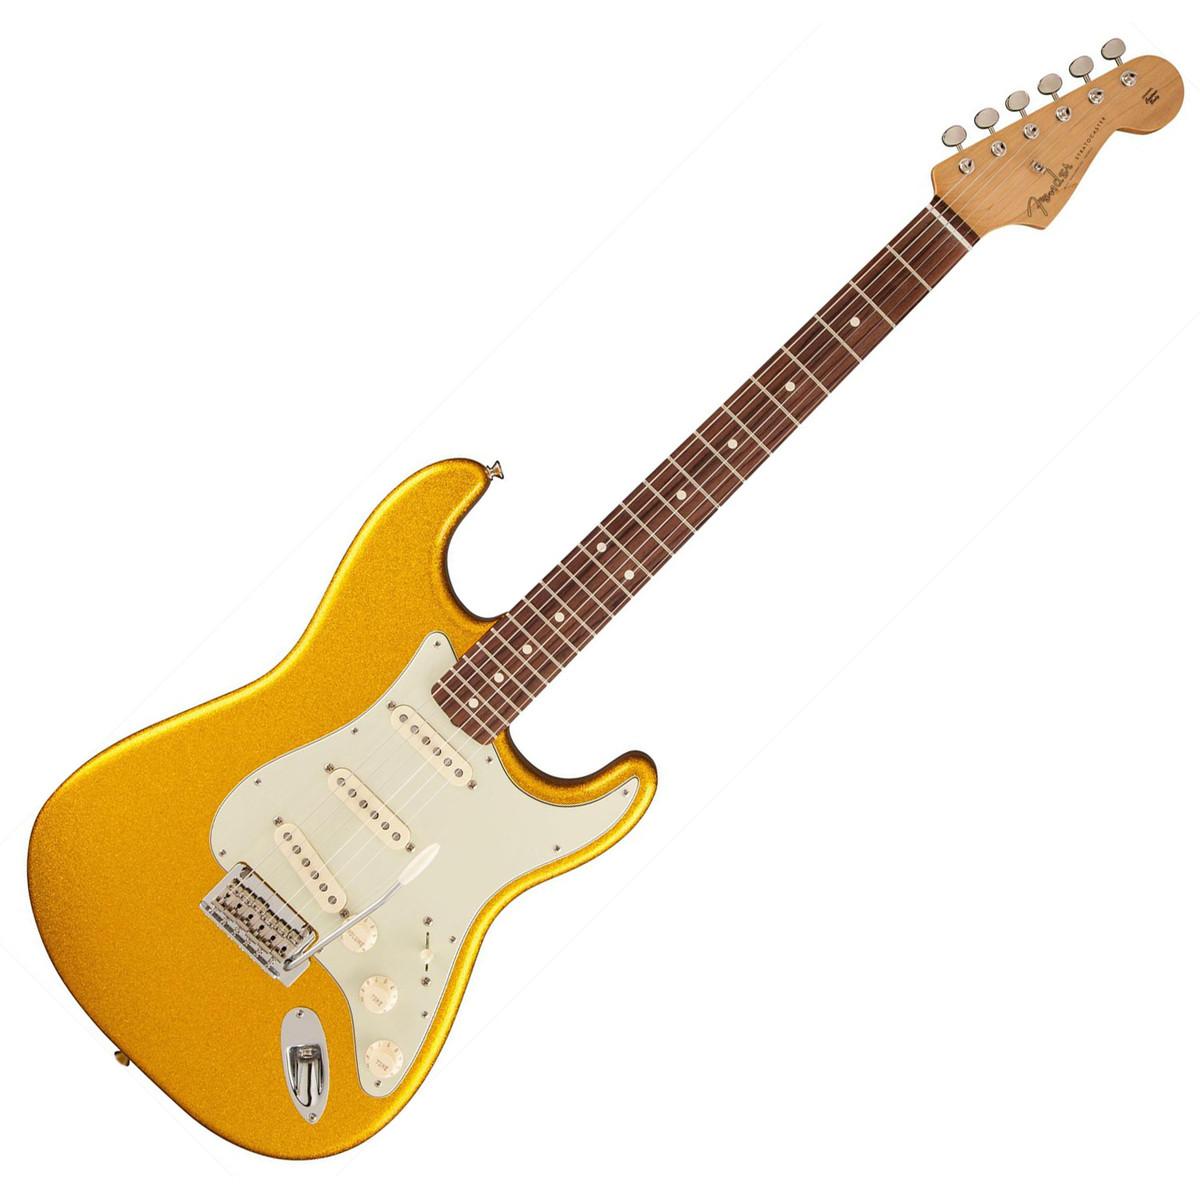 fender fsr strat classic player 60s electric guitar vegas gold at. Black Bedroom Furniture Sets. Home Design Ideas